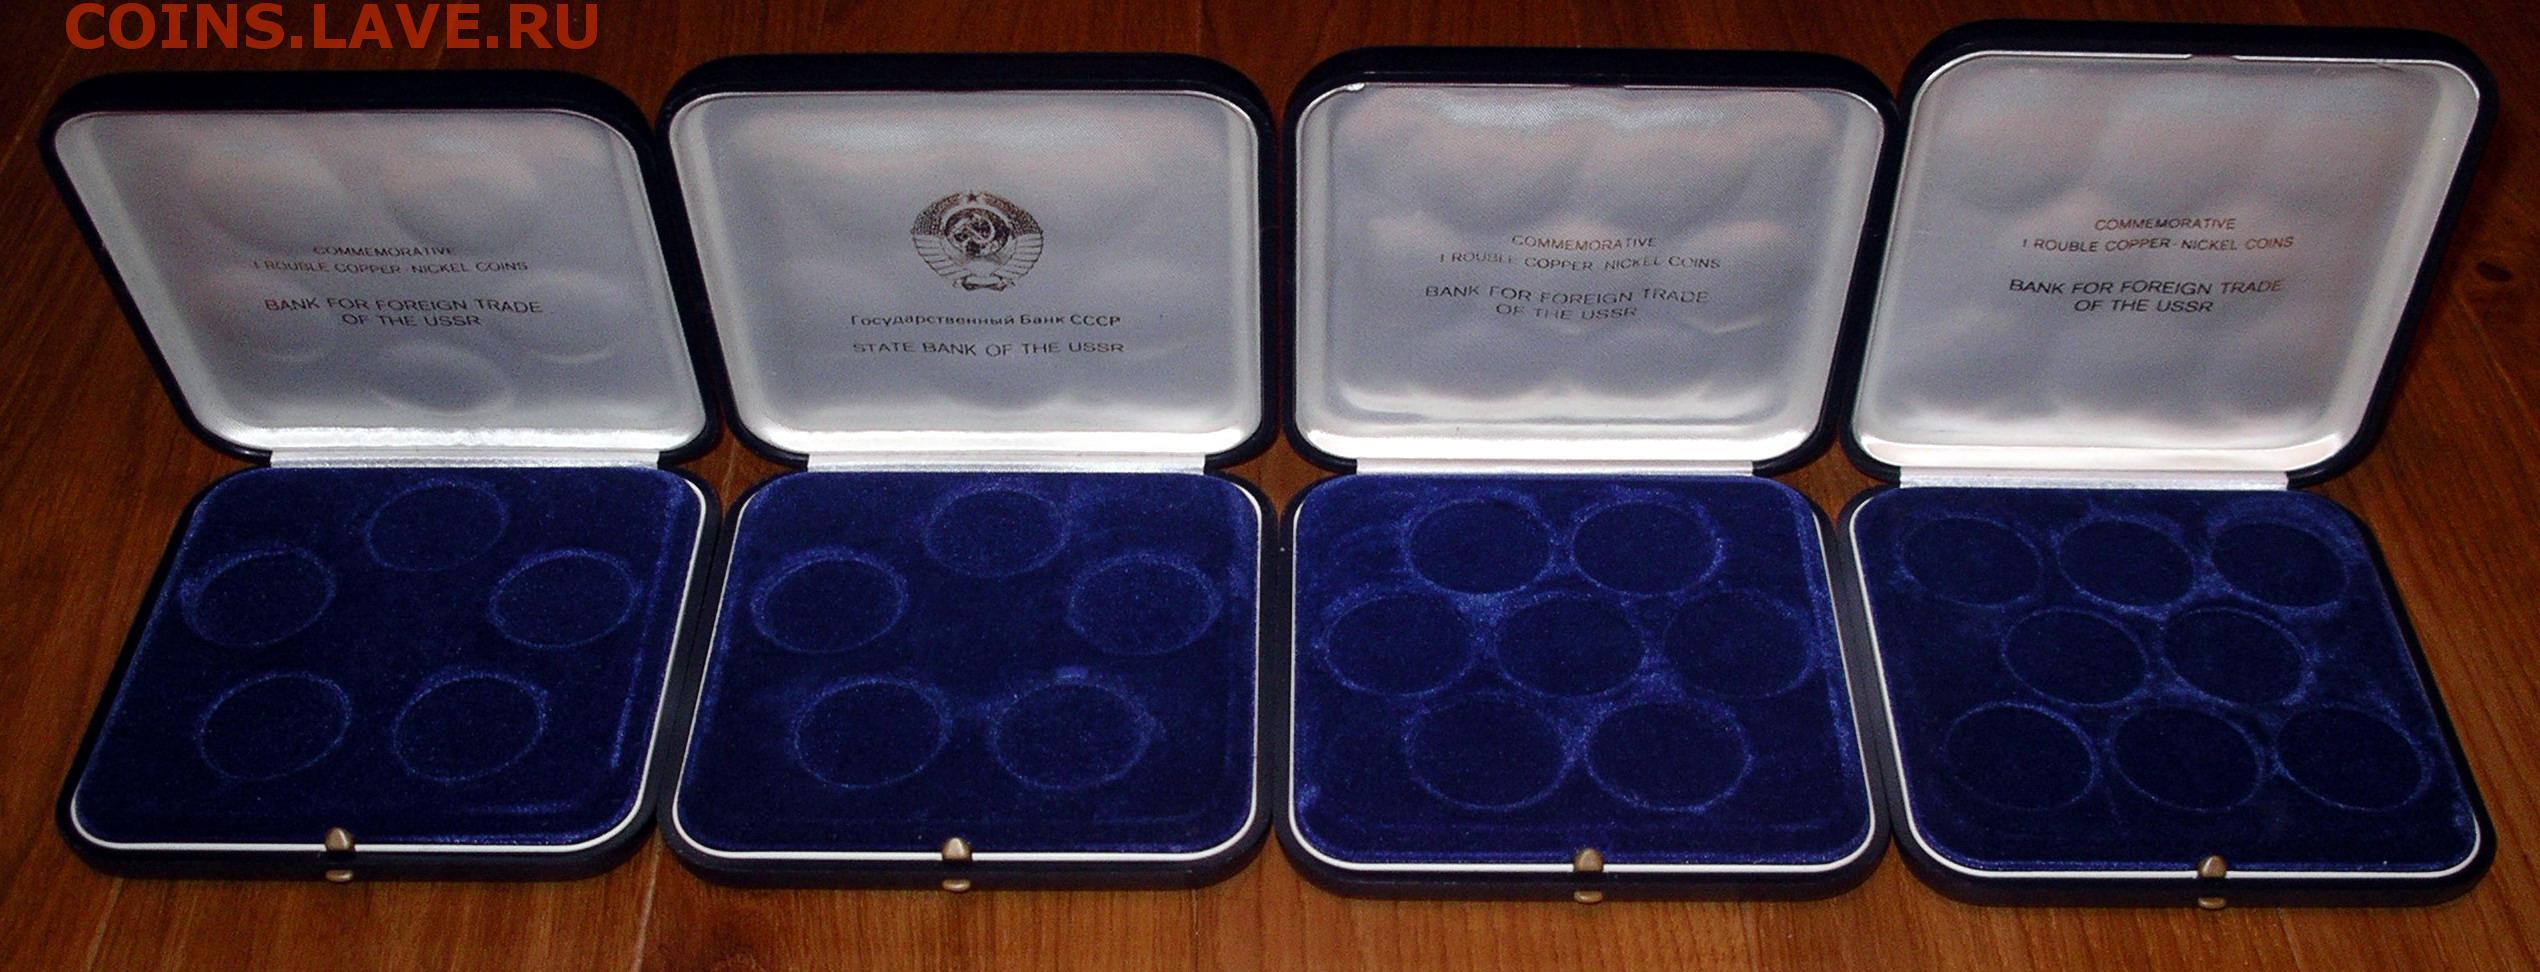 Коробки для юбилейных монет sich regen bringt segen перевод